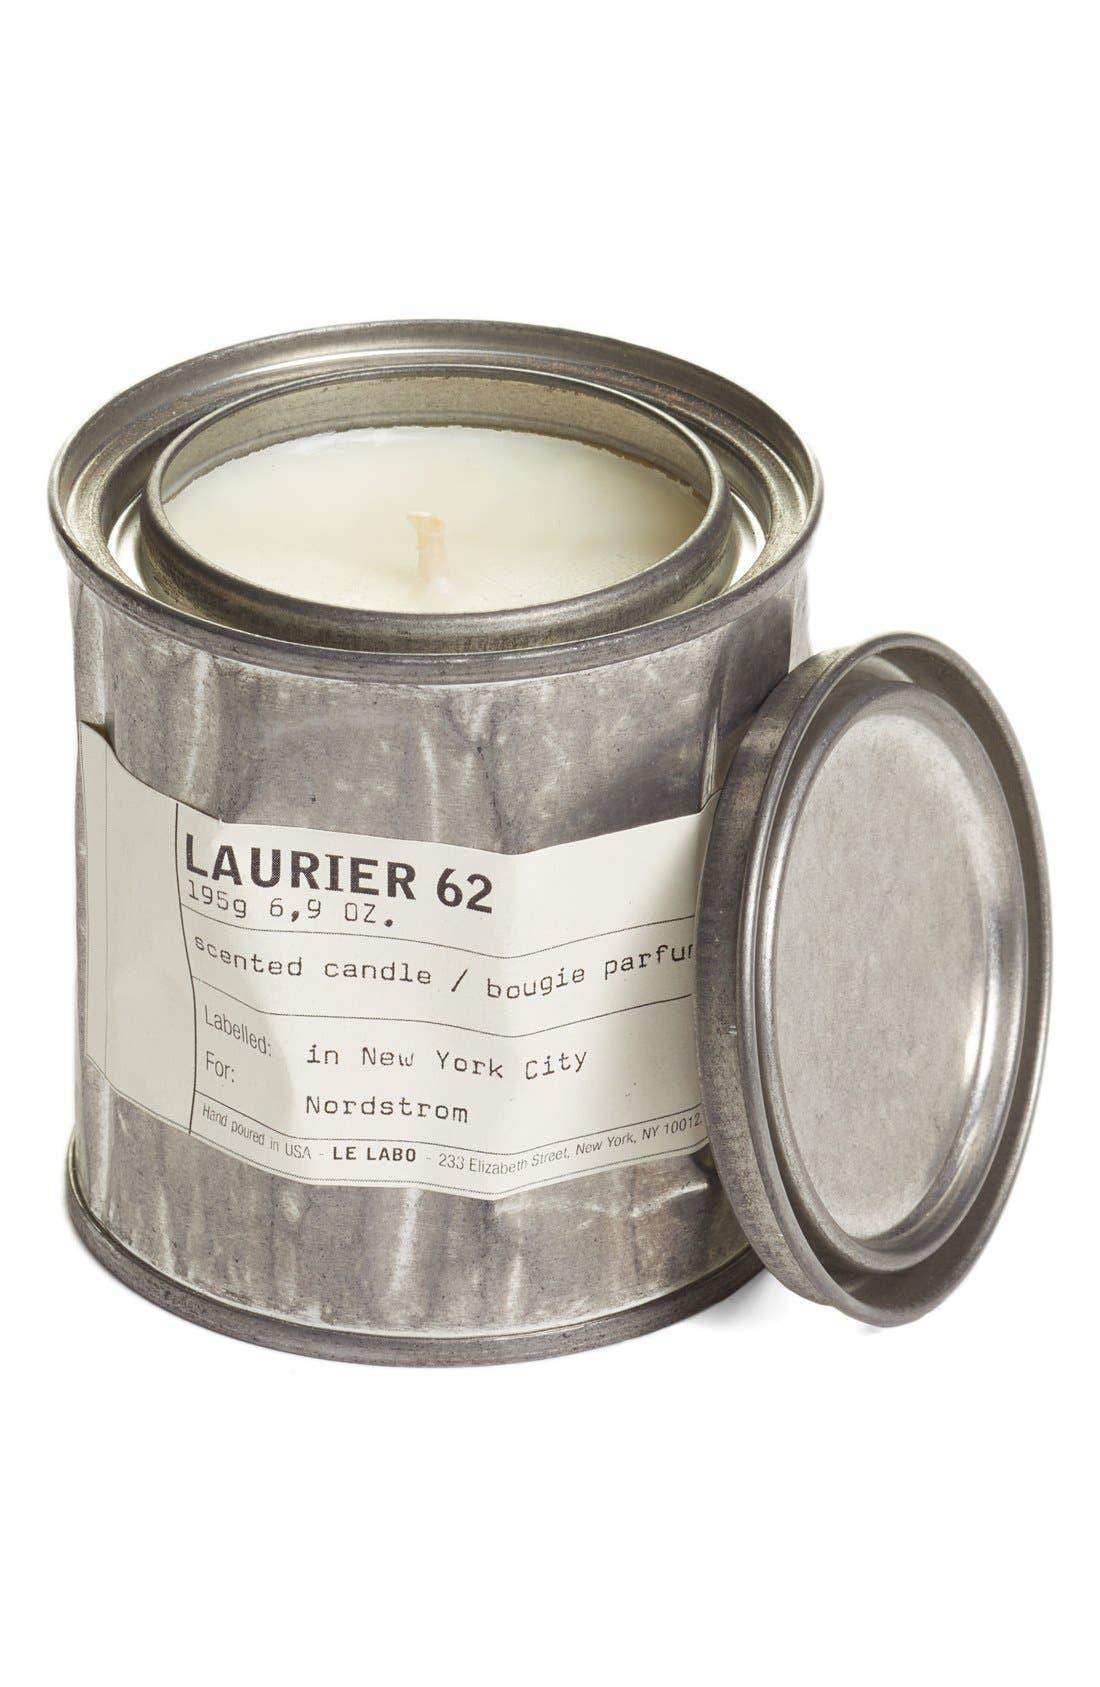 Le Labo 'Laurier 62' Vintage Candle Tin